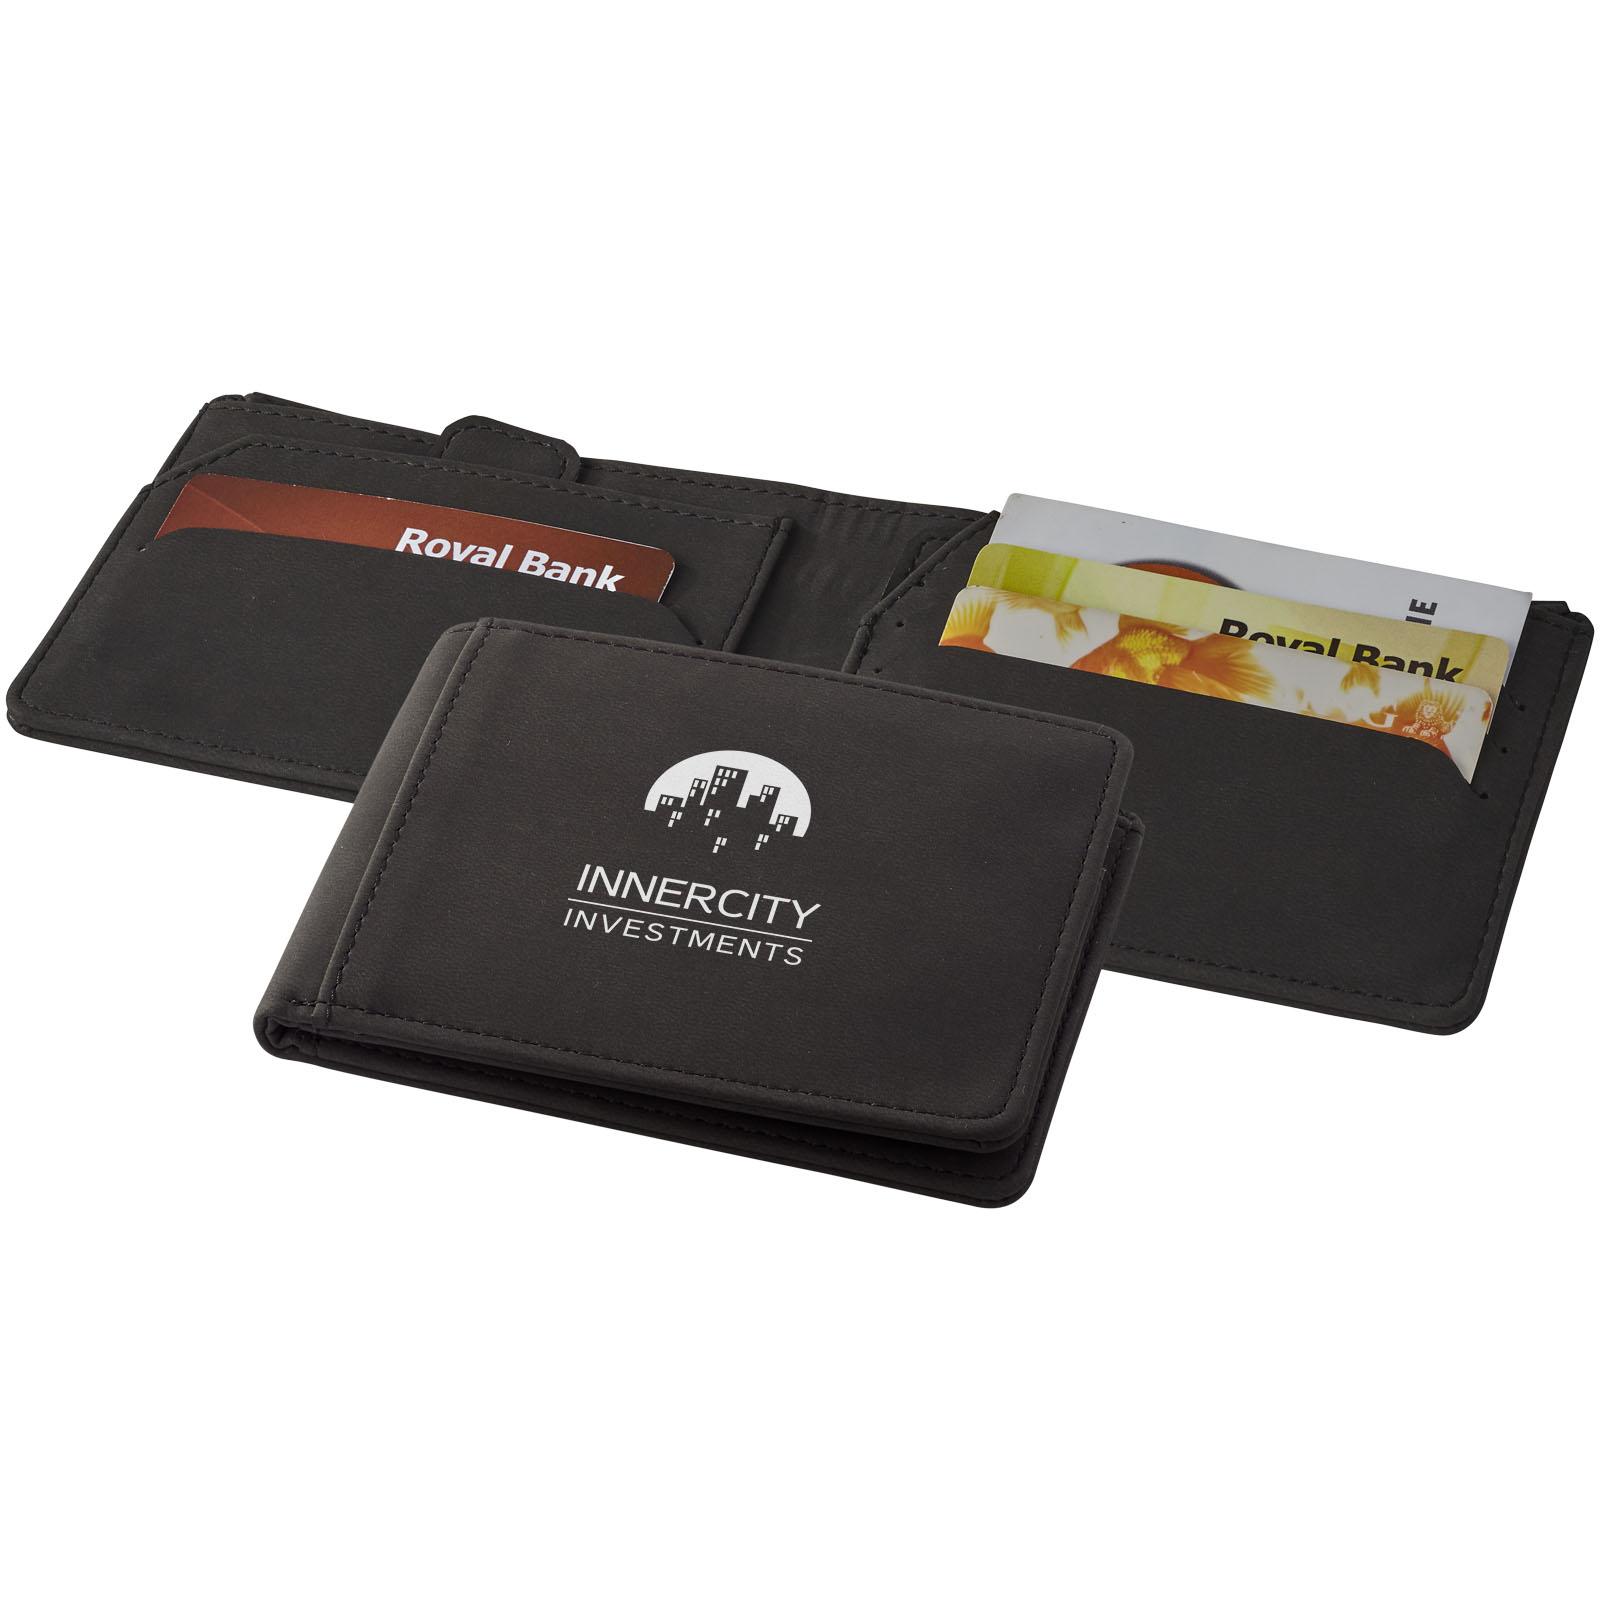 1f5c9c90c86 Adventurer RFID portemonnee bedrukken? - Voordelig & snel bestellen